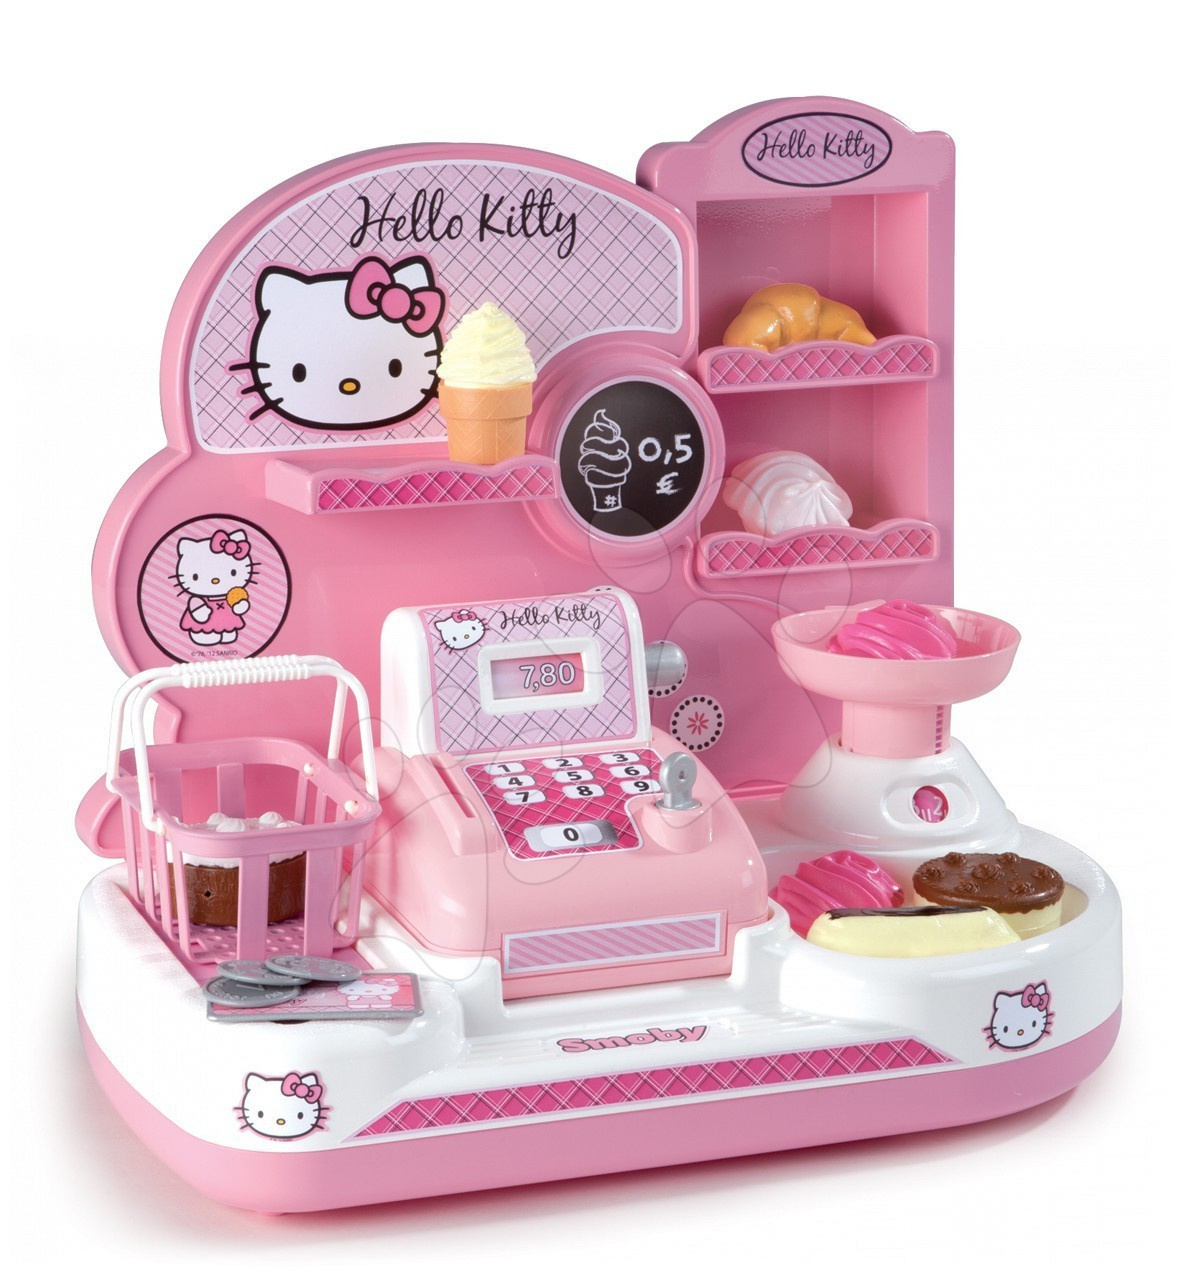 Obchod Hello Kitty Smoby s pokladnou a 16 doplňky